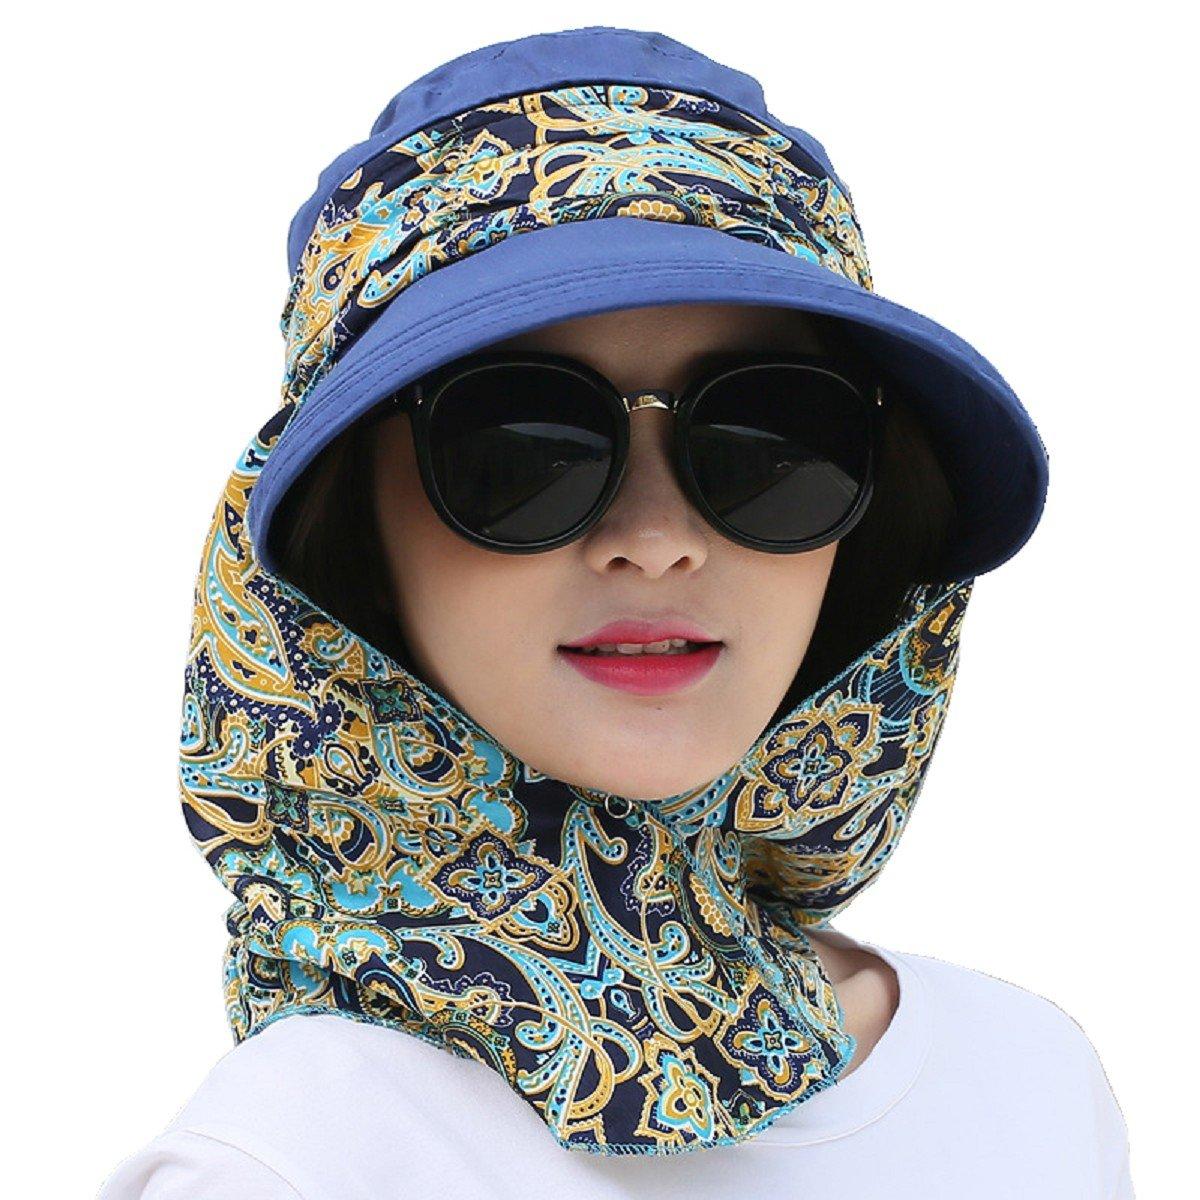 Flyfish Niñas mujeres damas Wide Brim Cap Visor Sombreros Protección UV  Summer Sun Hats (10 d193770af7e9